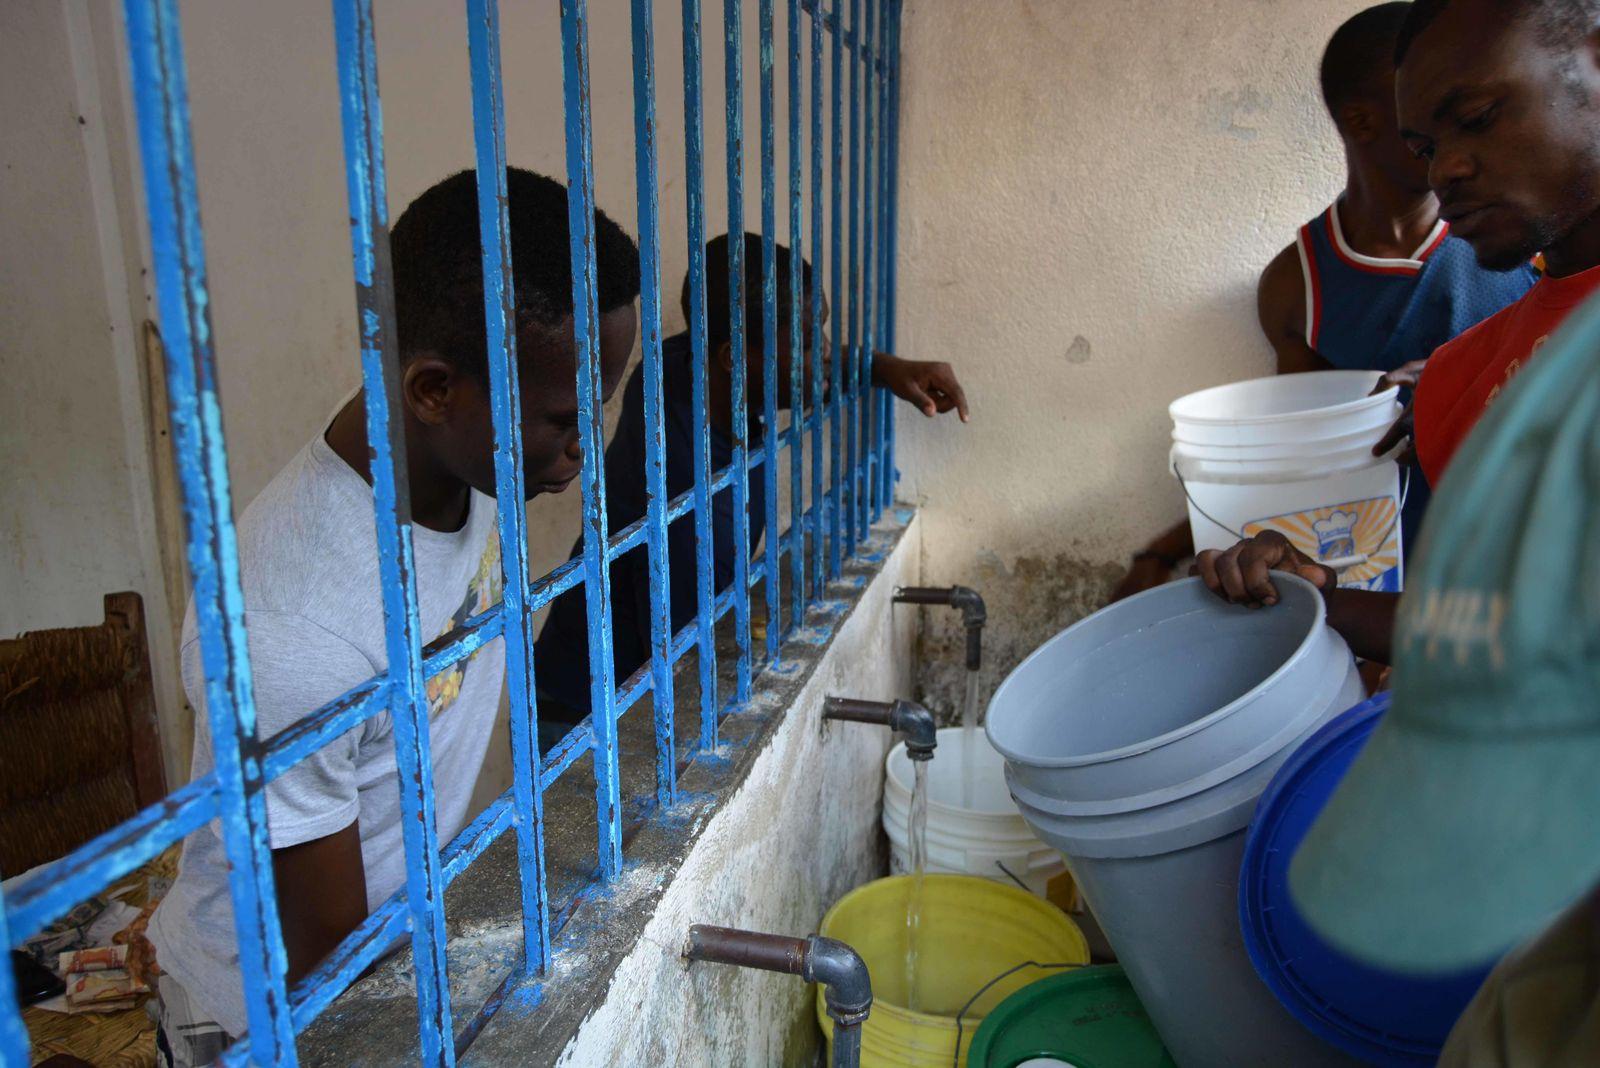 Foto: Los quioscos proveen agua potable barata a la población más desfavorecida de Puerto Príncipe. (M. García Rey)